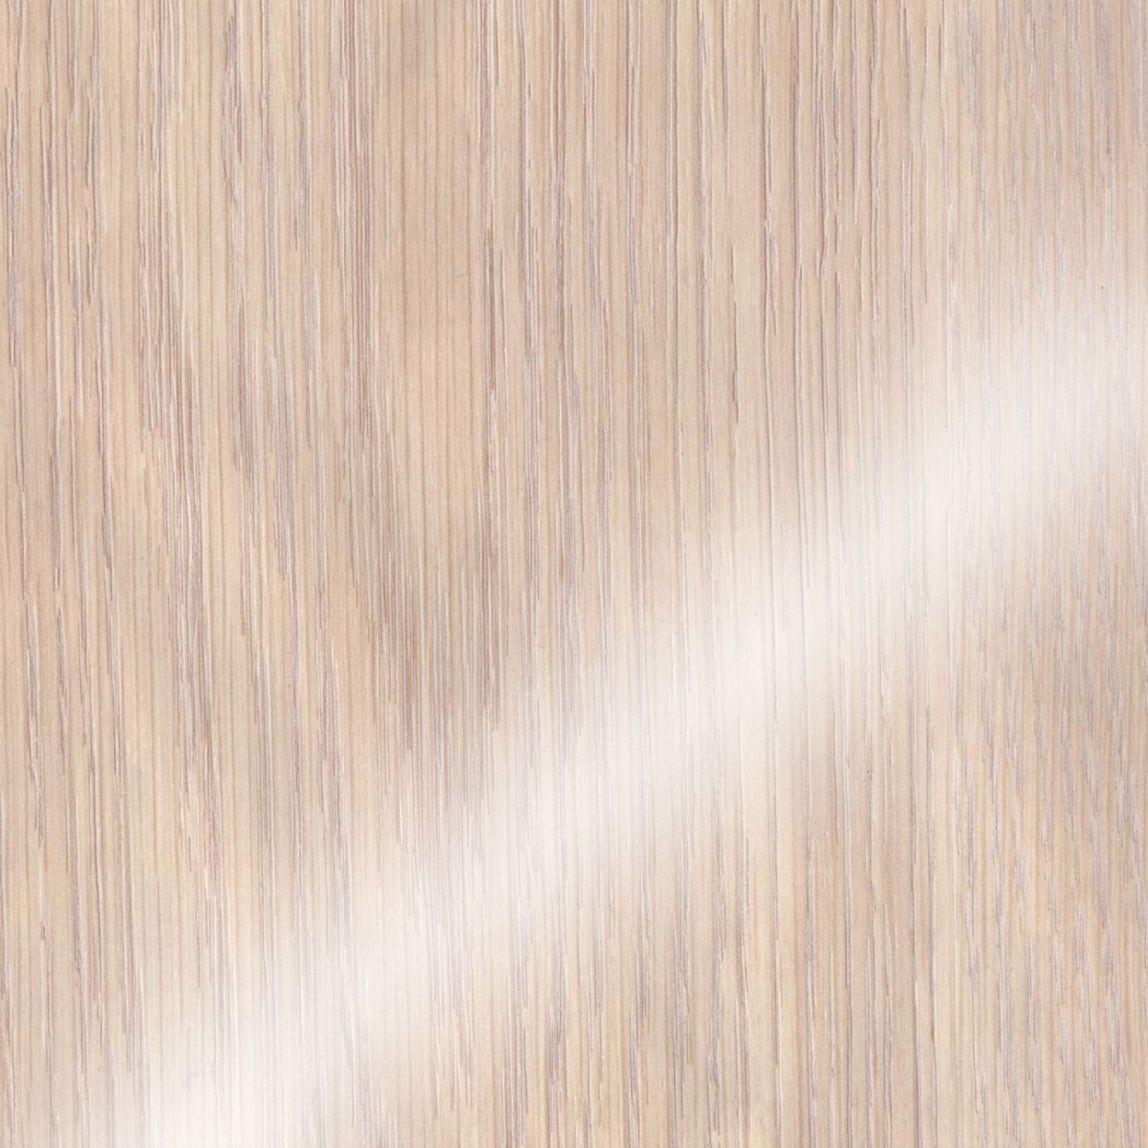 Панель МДФ ламинированная дуб светлый 2600х250х7 мм Евростар